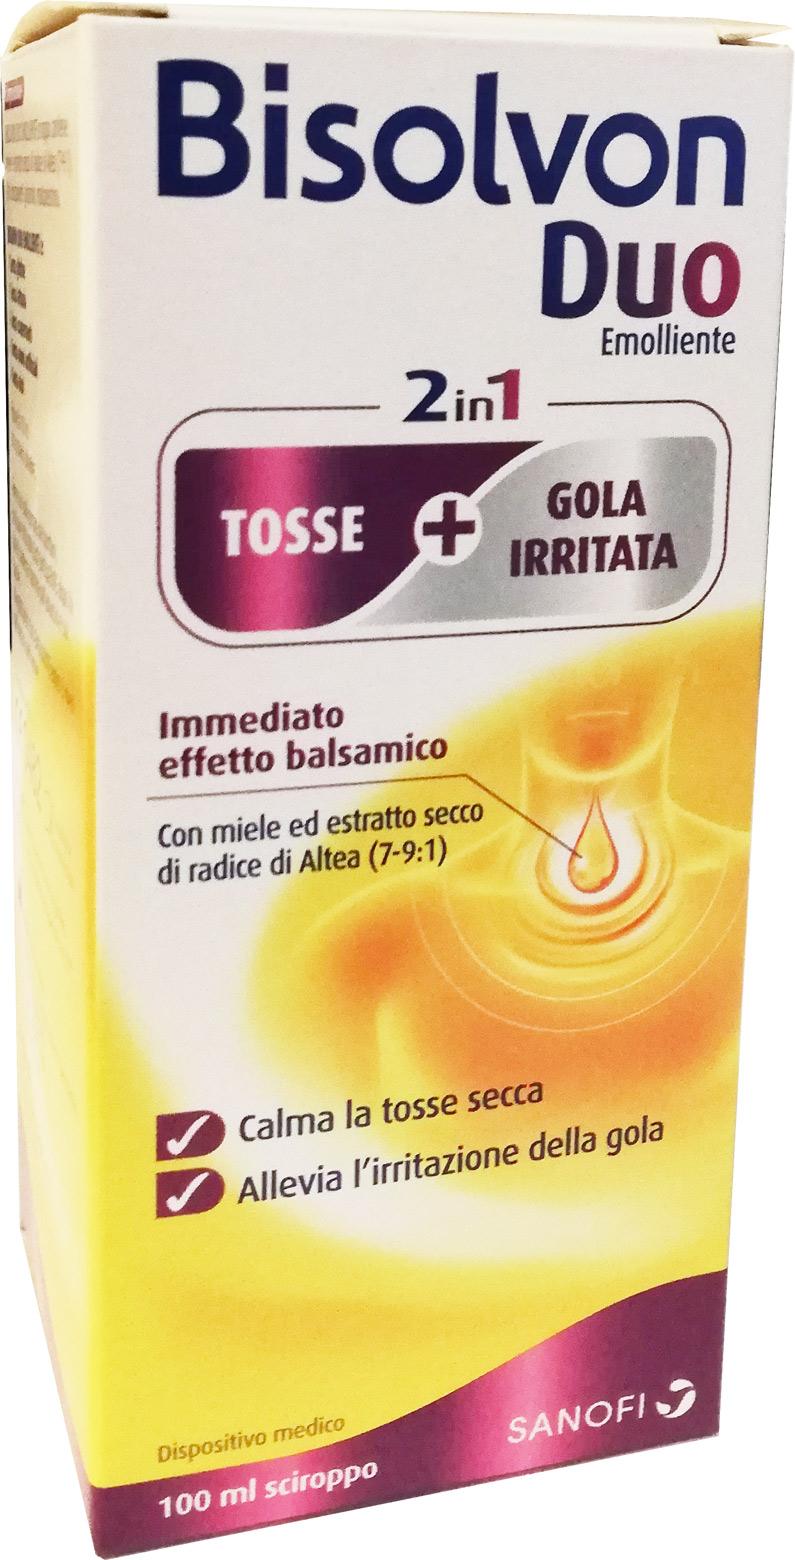 BISOLVON DUO SCIROPPO EMOLLIENTE 100 ML - Farmacia Centrale Dr. Monteleone Adriano